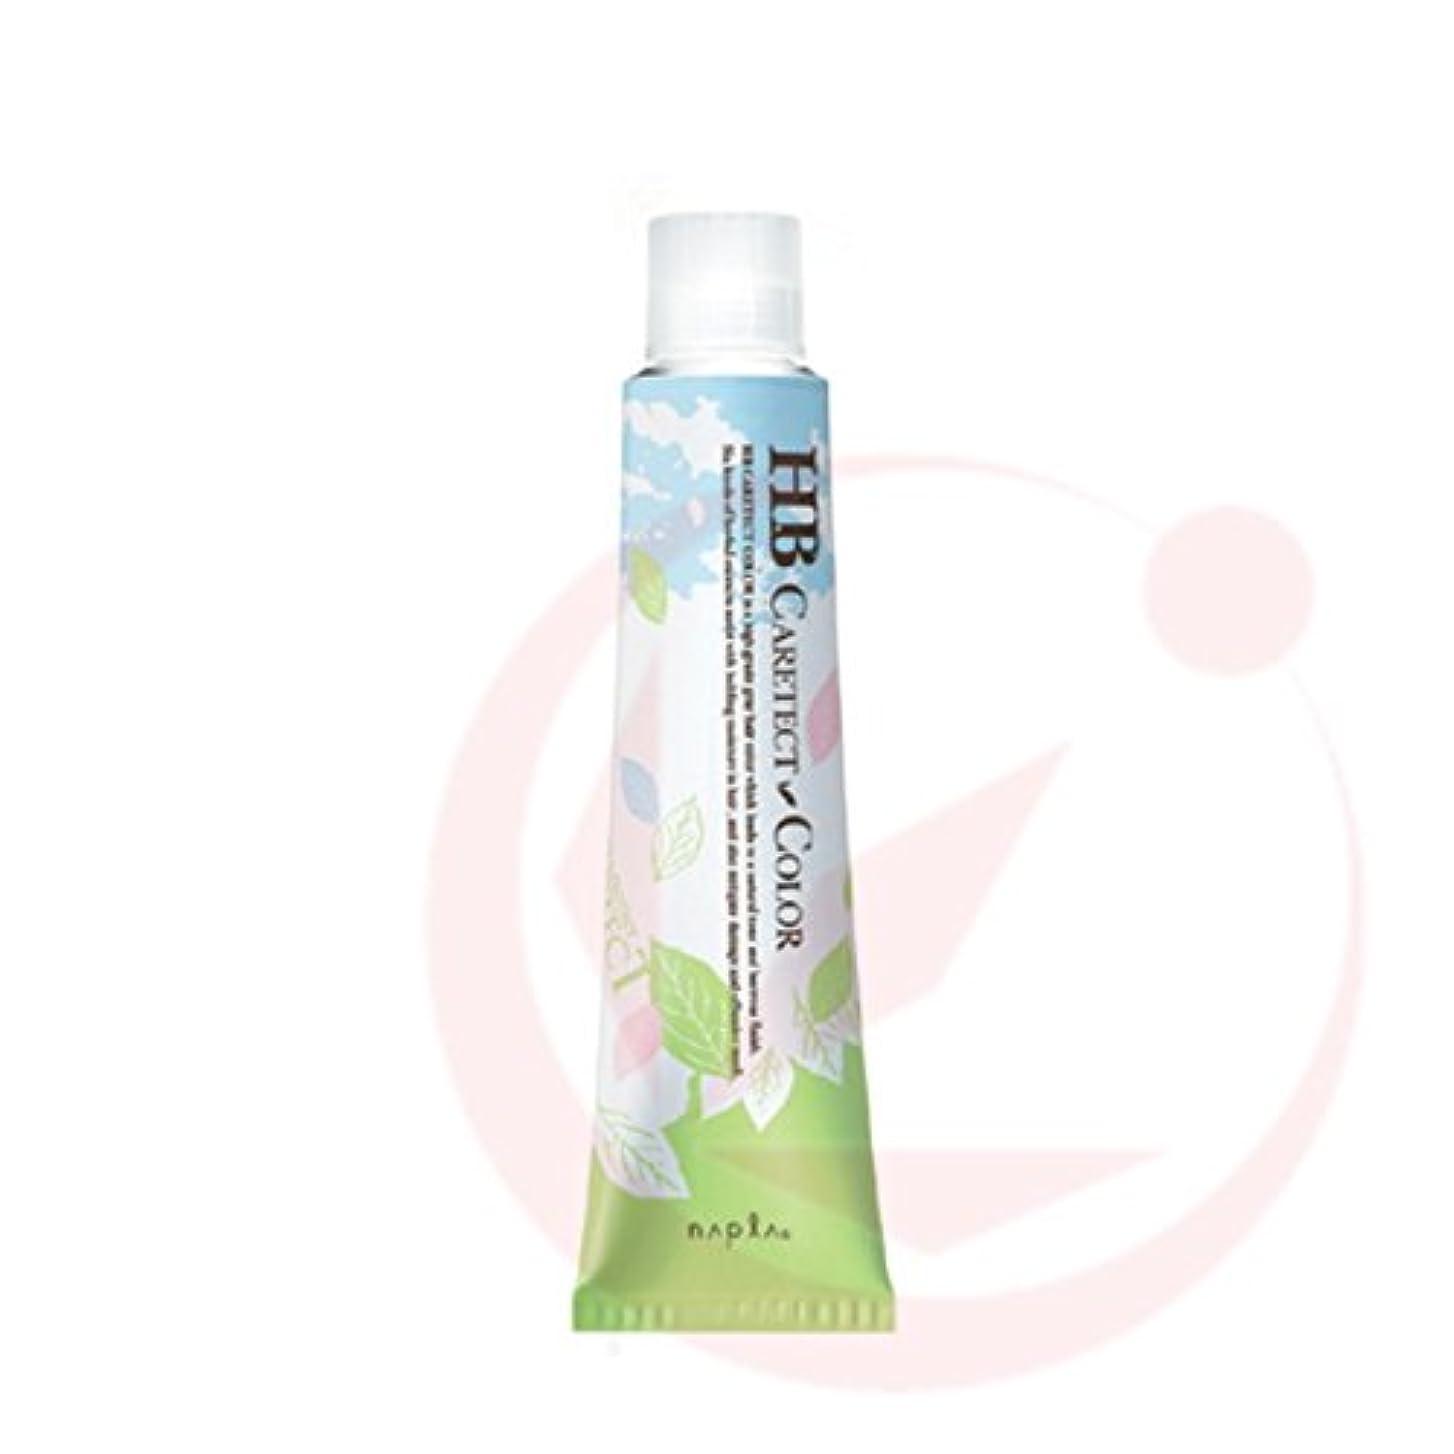 乳ケープイサカナプラ ケアテクトHB カラー グレイファッション アッシュブラウン 80g(1剤) 【アッシュブラウン】C-7AB